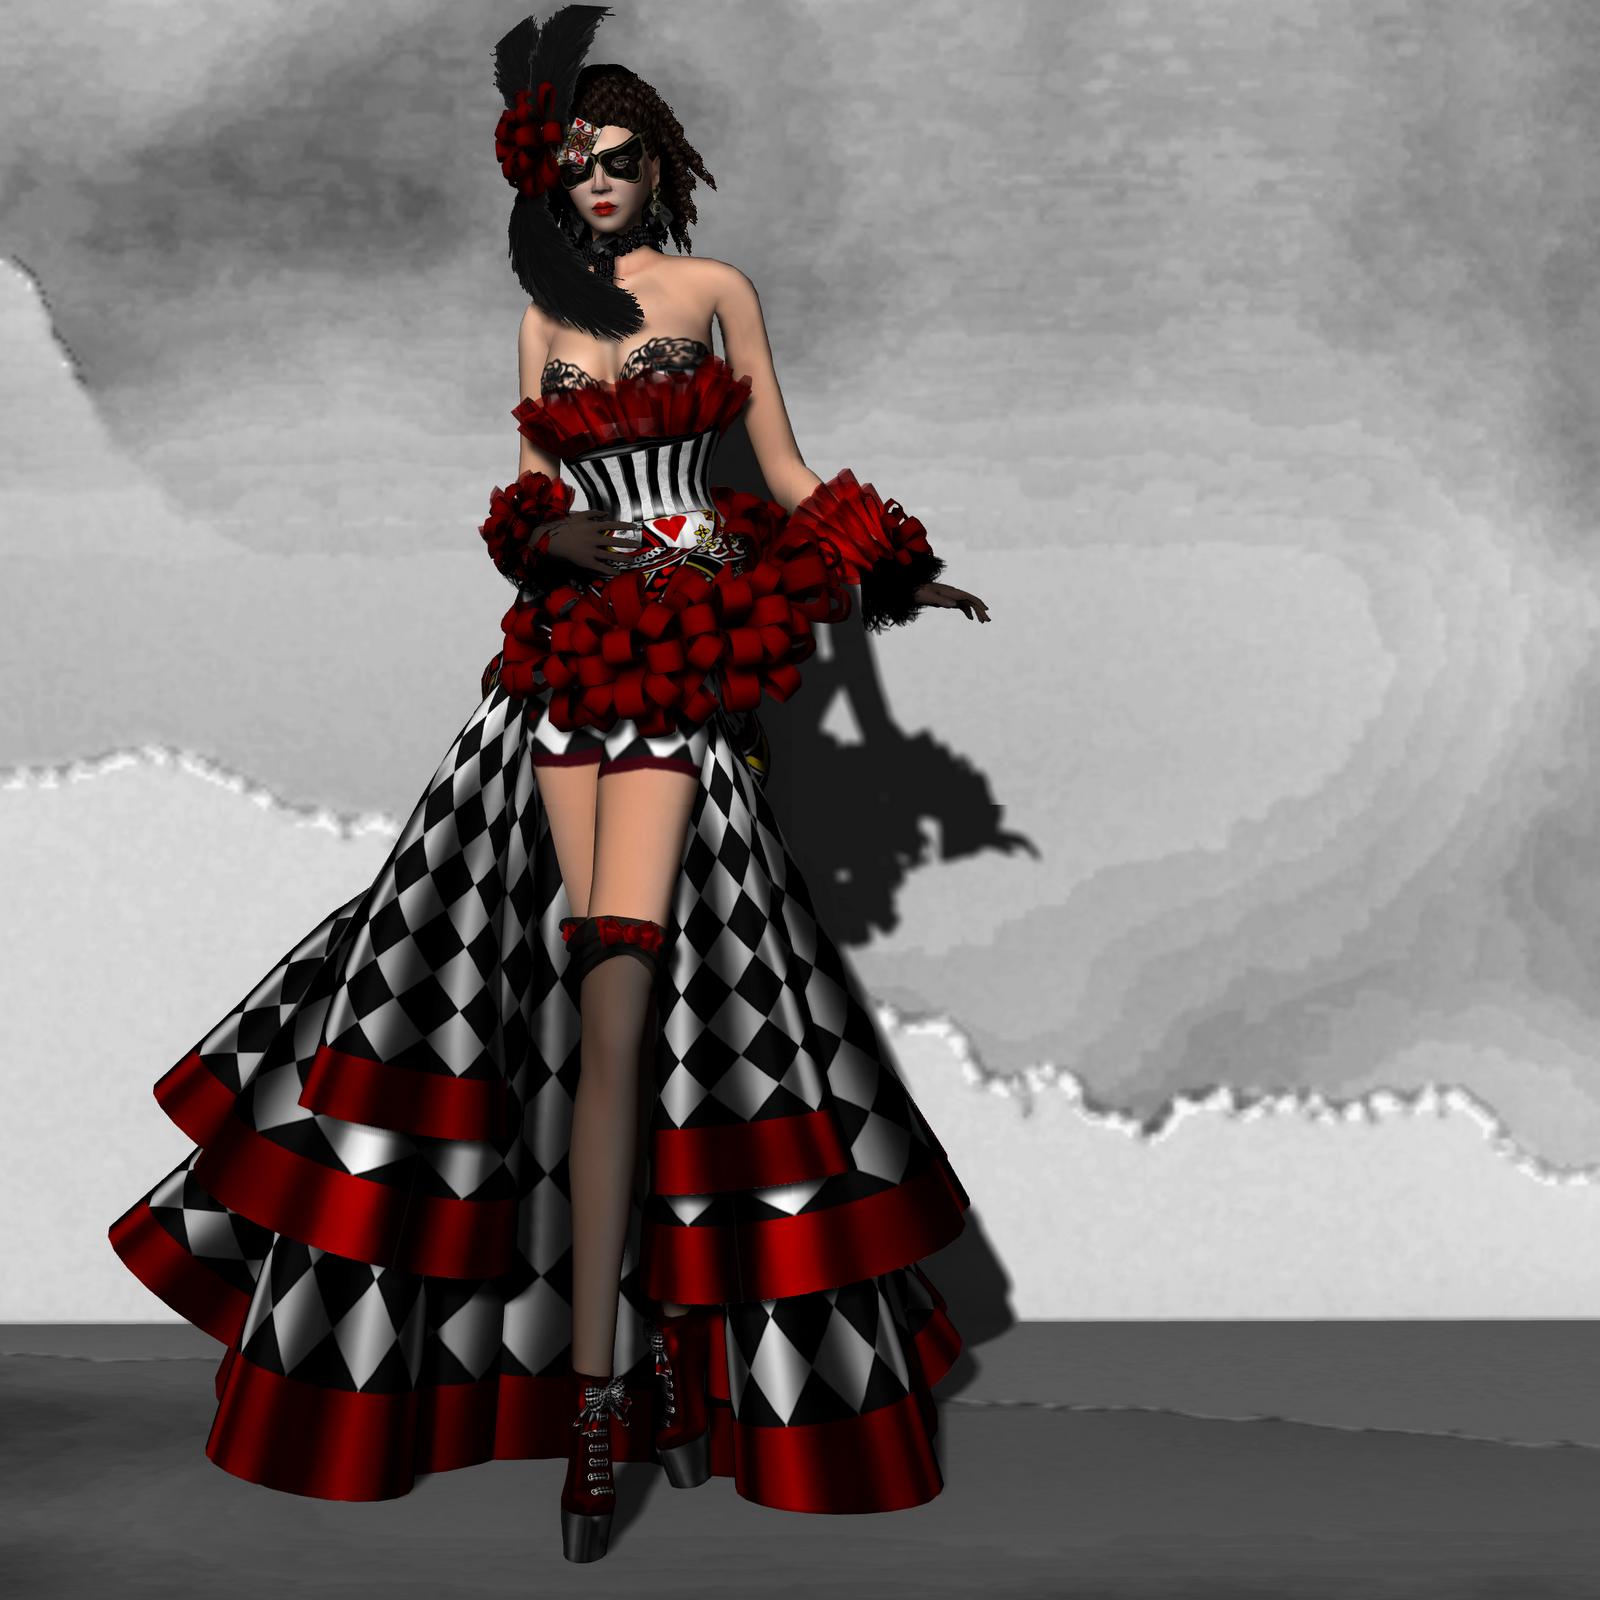 Tres Beau u2013 Venice & Tres Beau u2013 Venice   Kay Fairey u2013 Fashion Forward